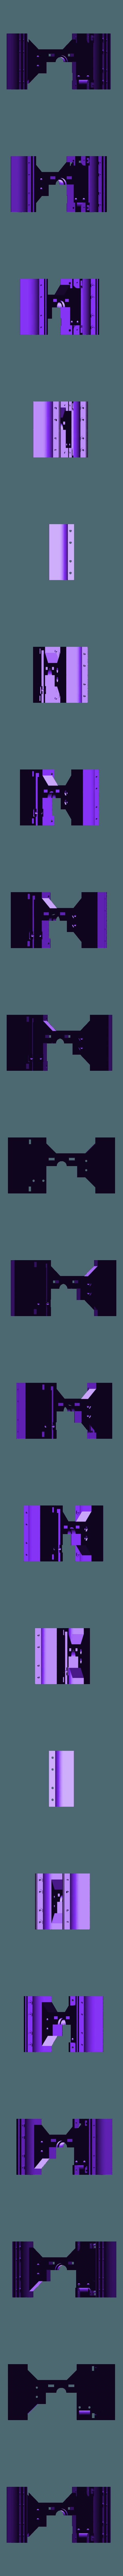 X_car.stl Download free STL file FDM Printer de Kleine Reus 300x300x900 • 3D printable object, Job